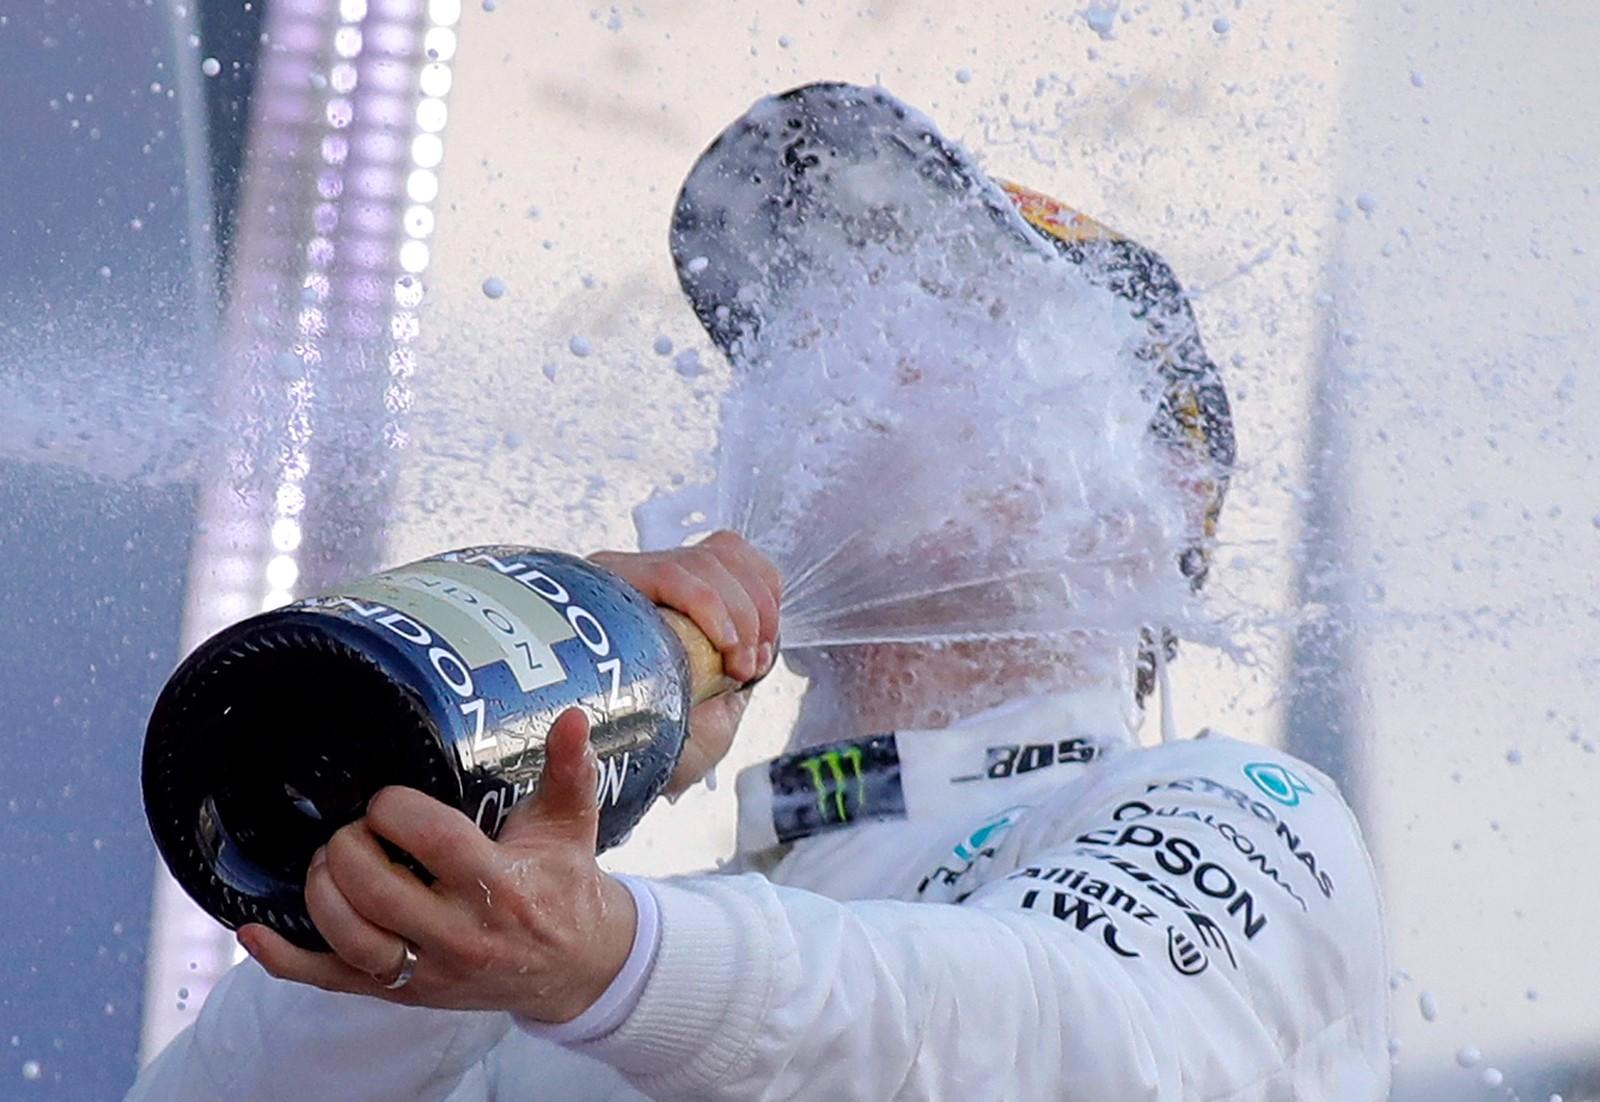 Finske Valtteri Bottas sløser med godsakene etter å ha vunnet sitt første formel-1 løp noensinne i Sotsji i Russland.